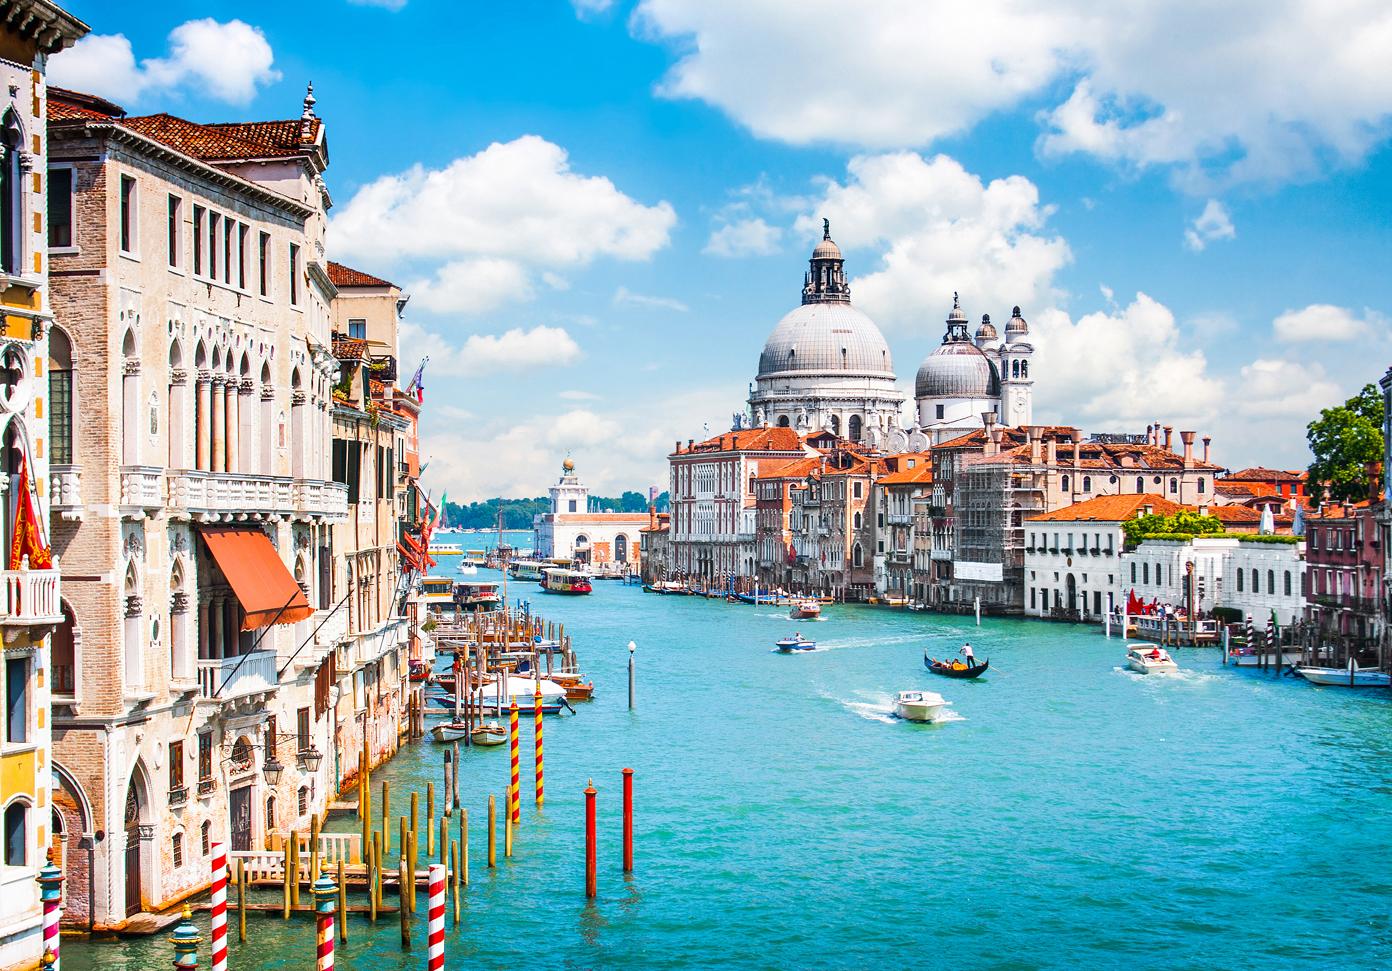 ทัวร์ยุโรป อิตาลีแสนสวย 8 วัน บินเอมิเรตส์ (EK)